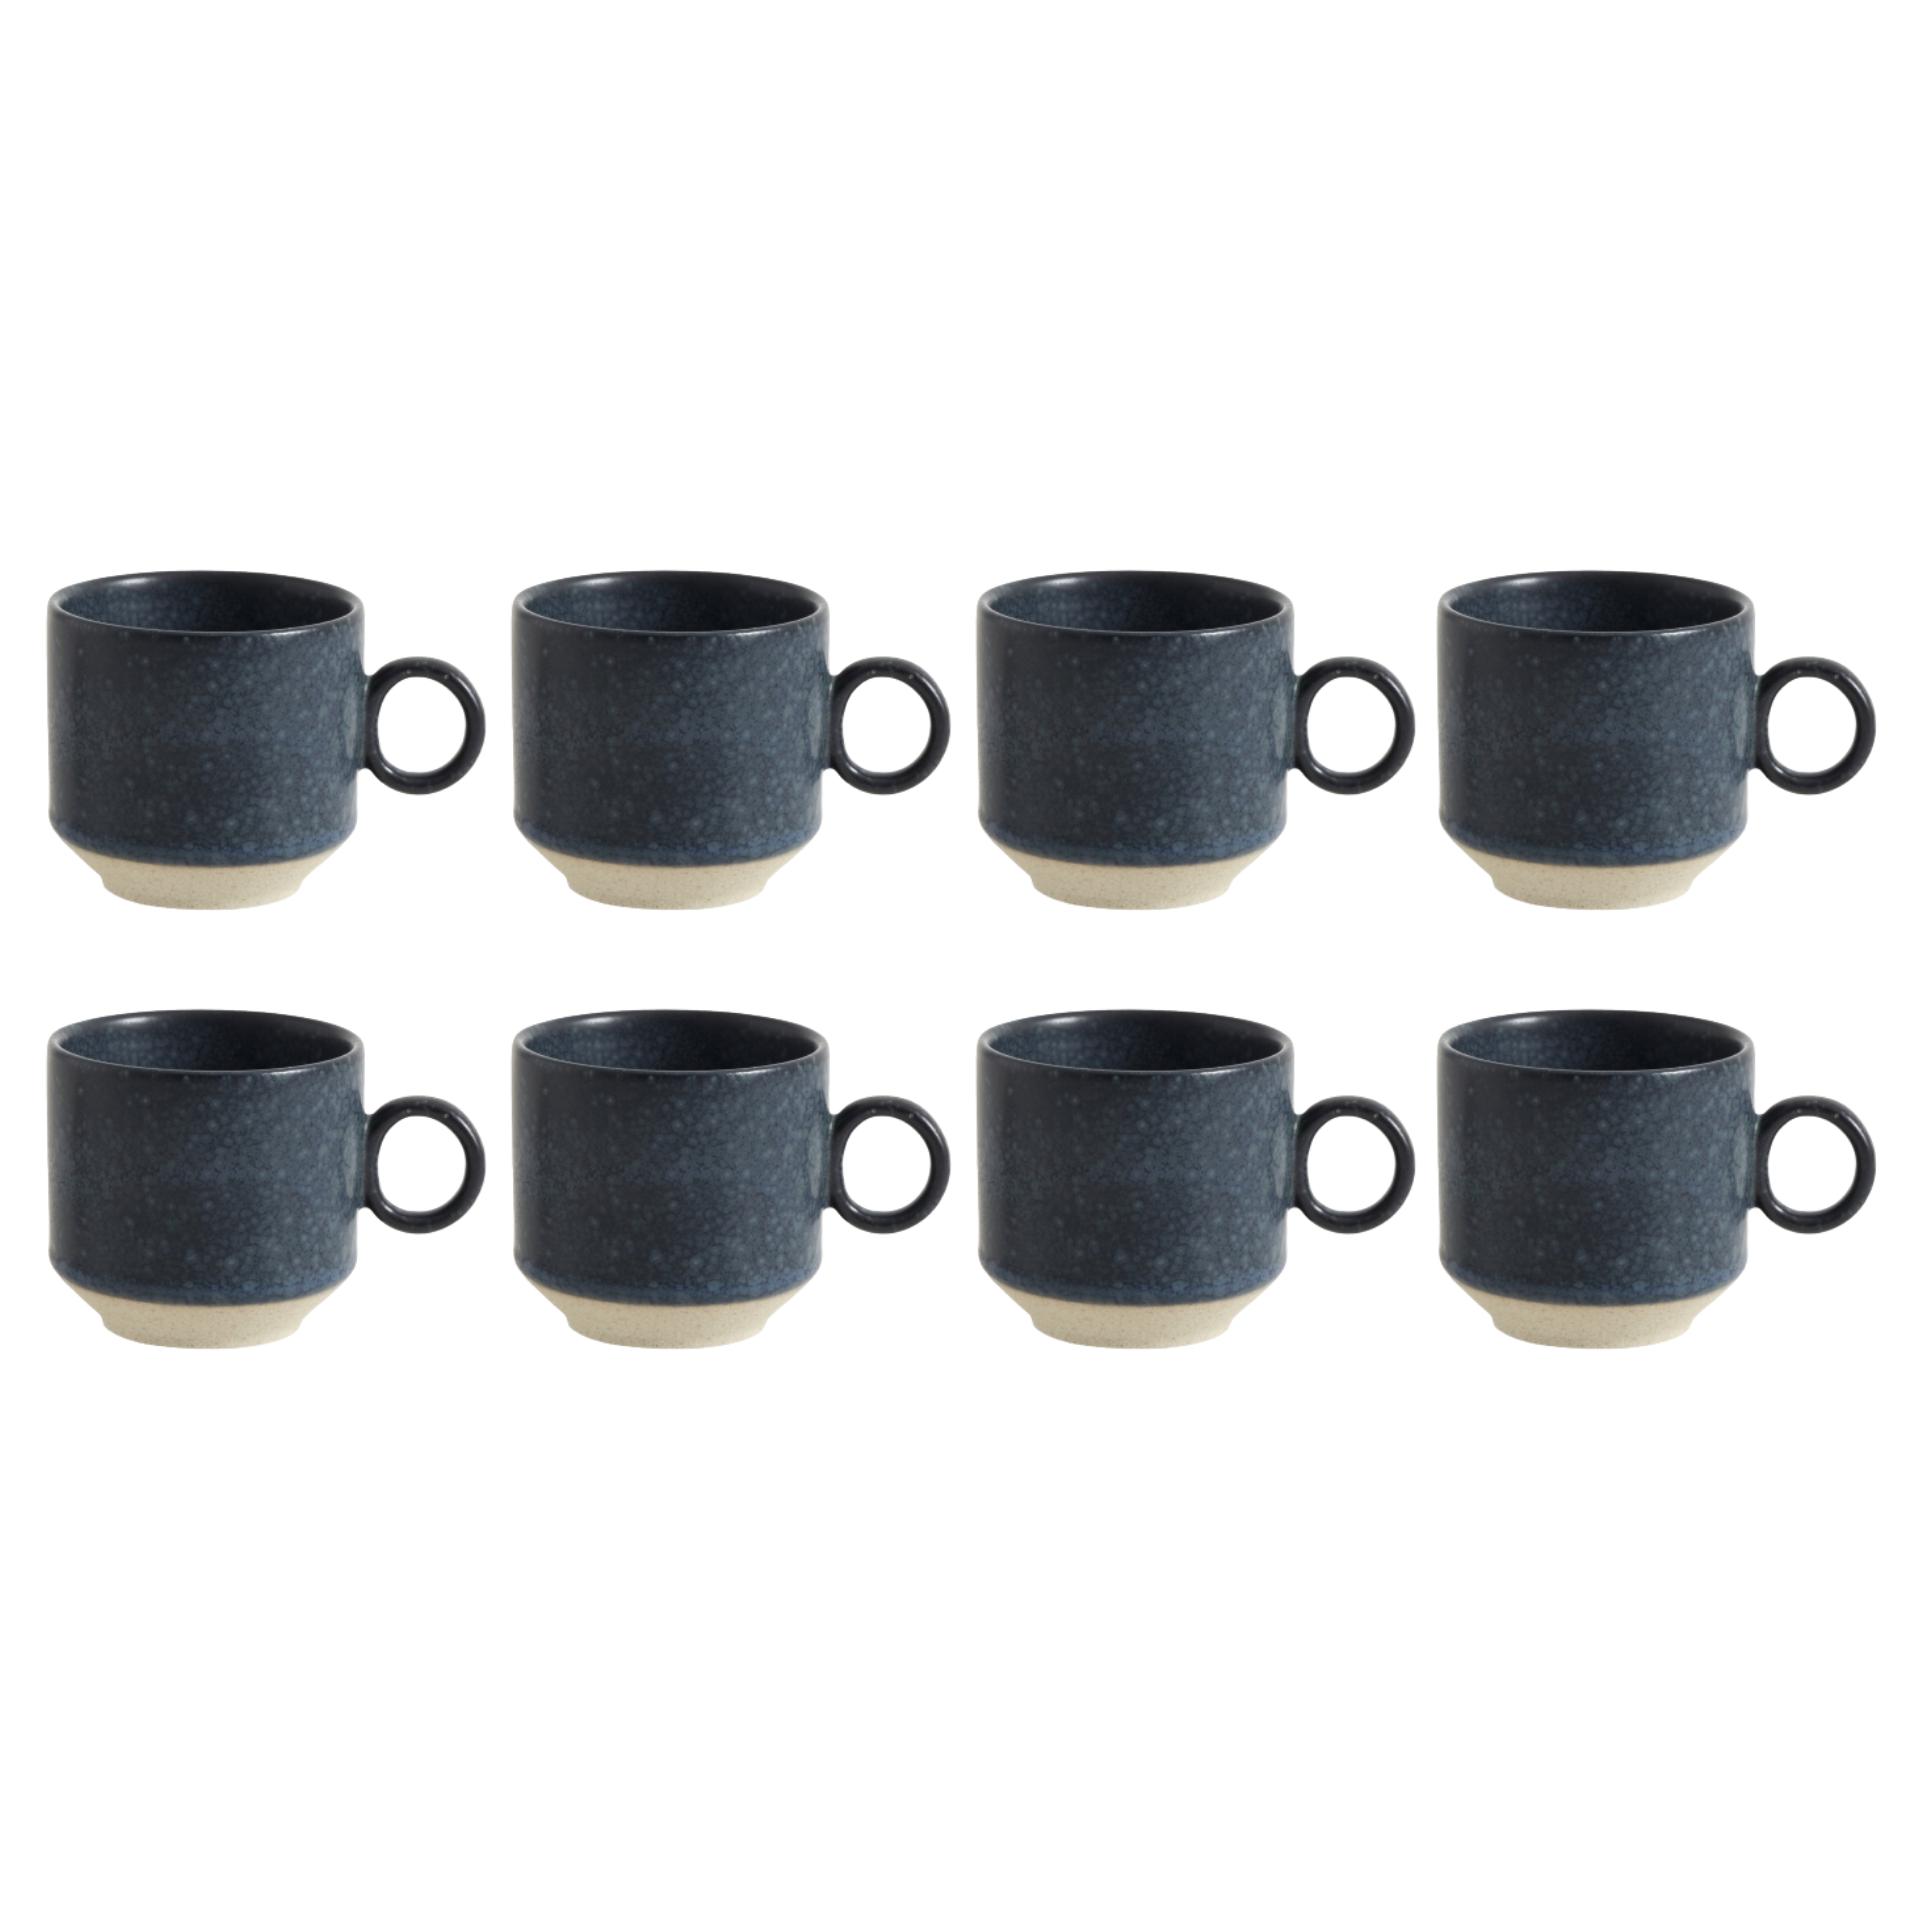 Nordal Grainy espressokopje - donkerblauw - set van 8-57023-5708309161525